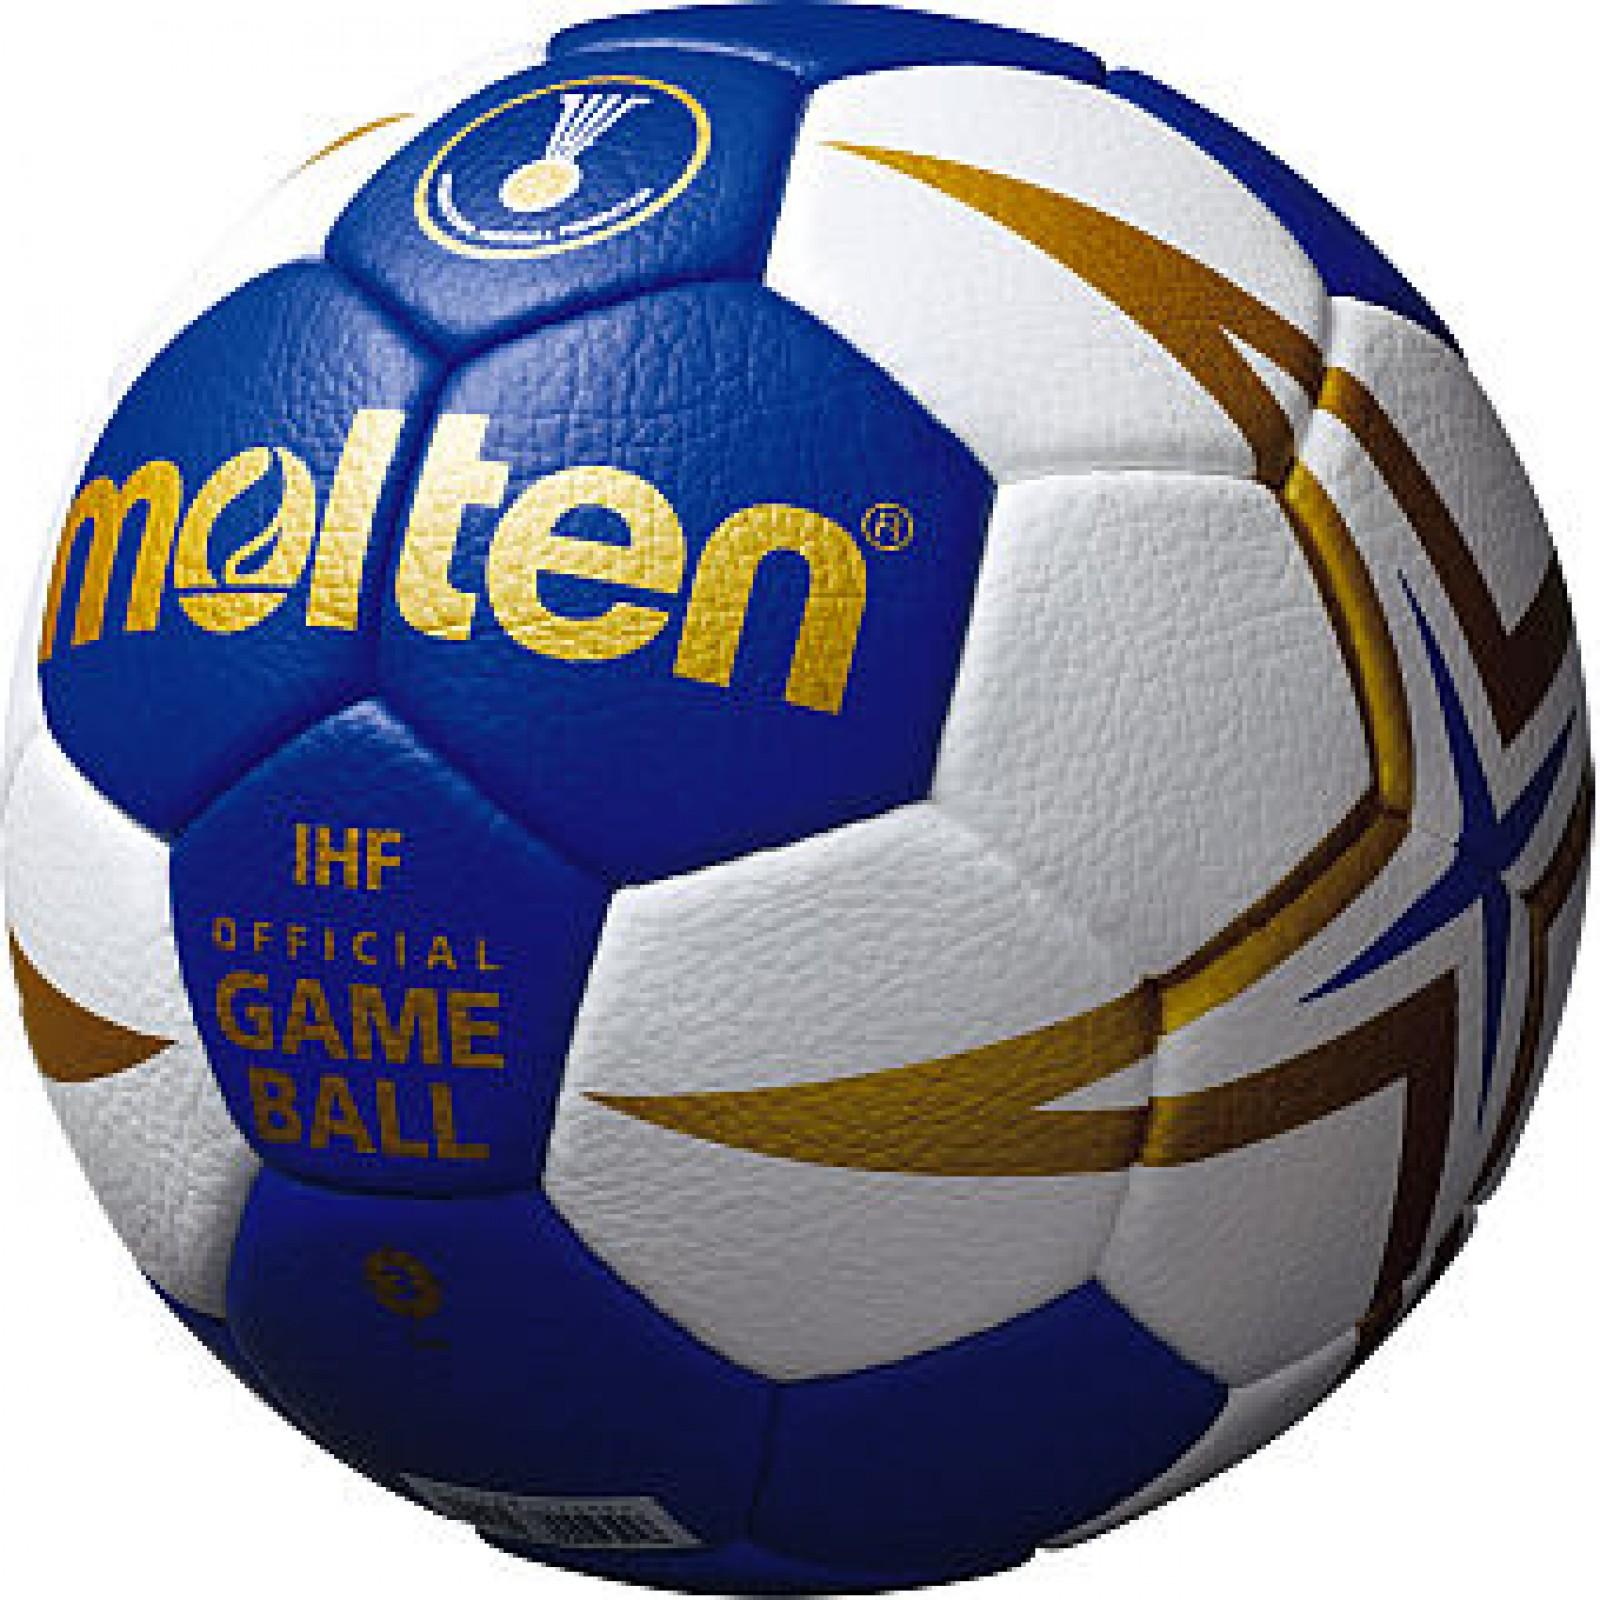 Handball ball